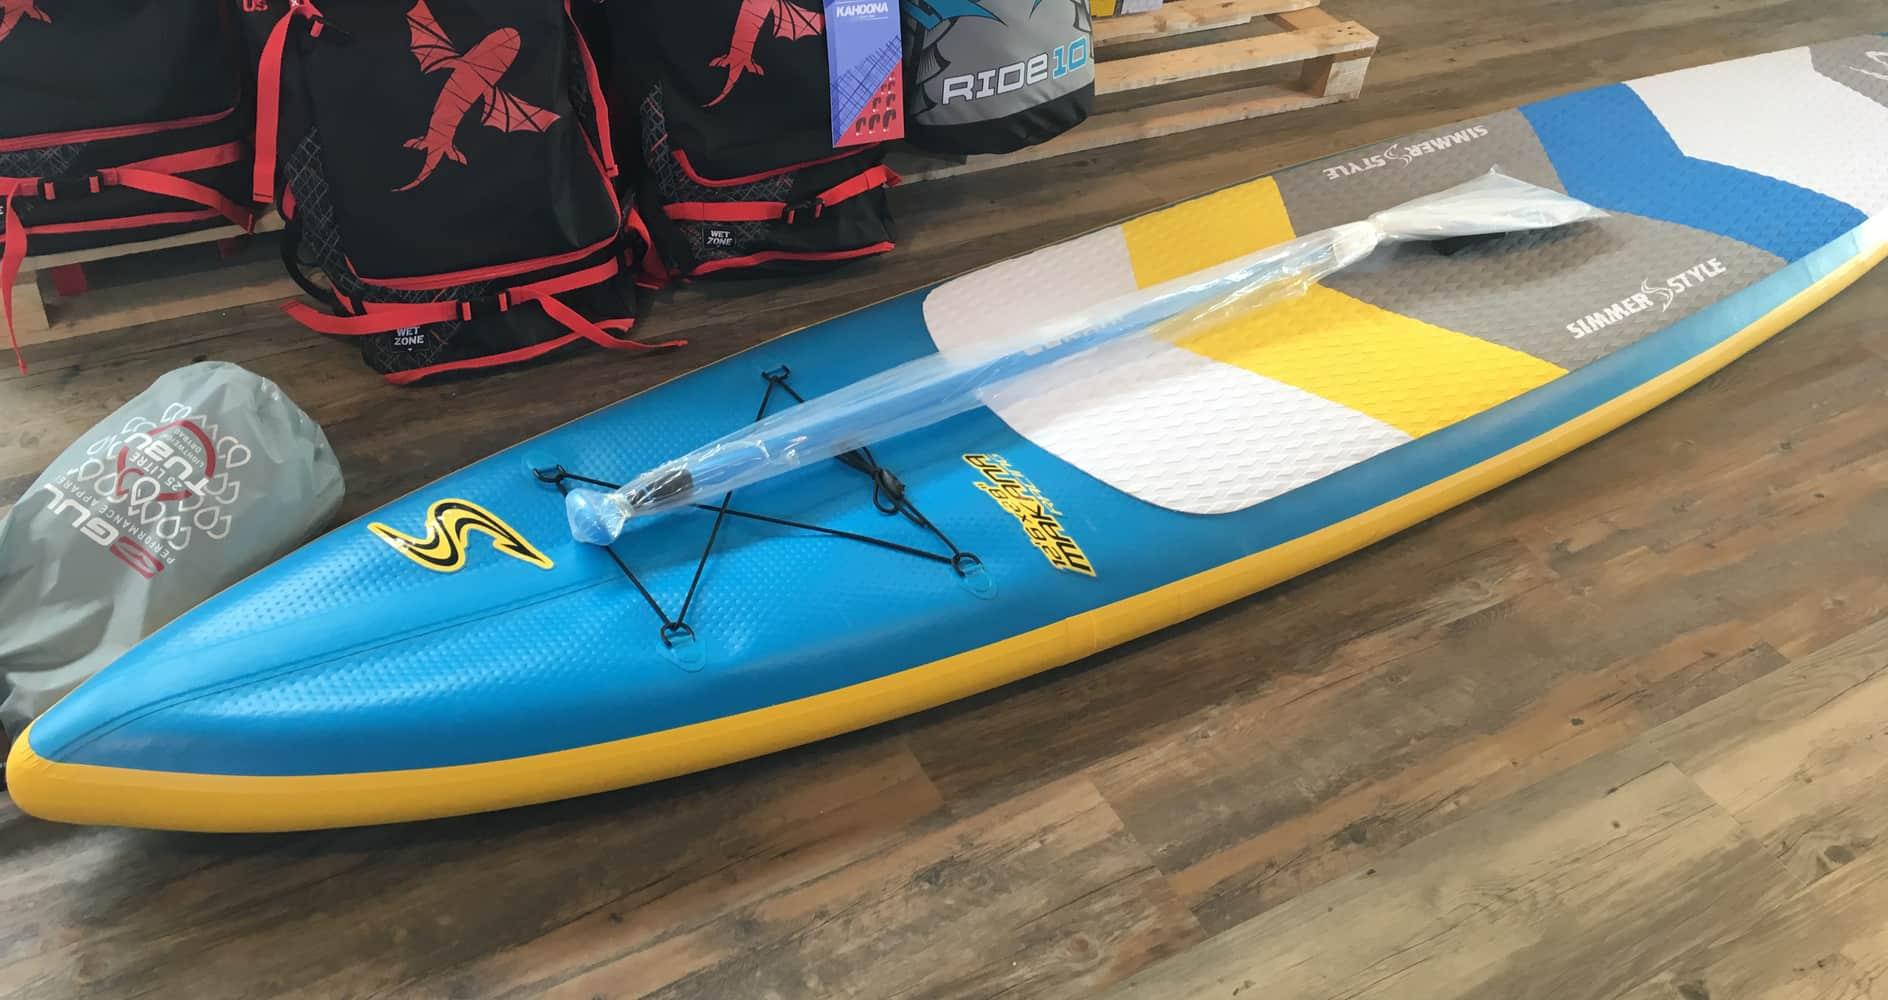 Mijn eerste stap naar een SUP-zomer: een SUP-board kopen.